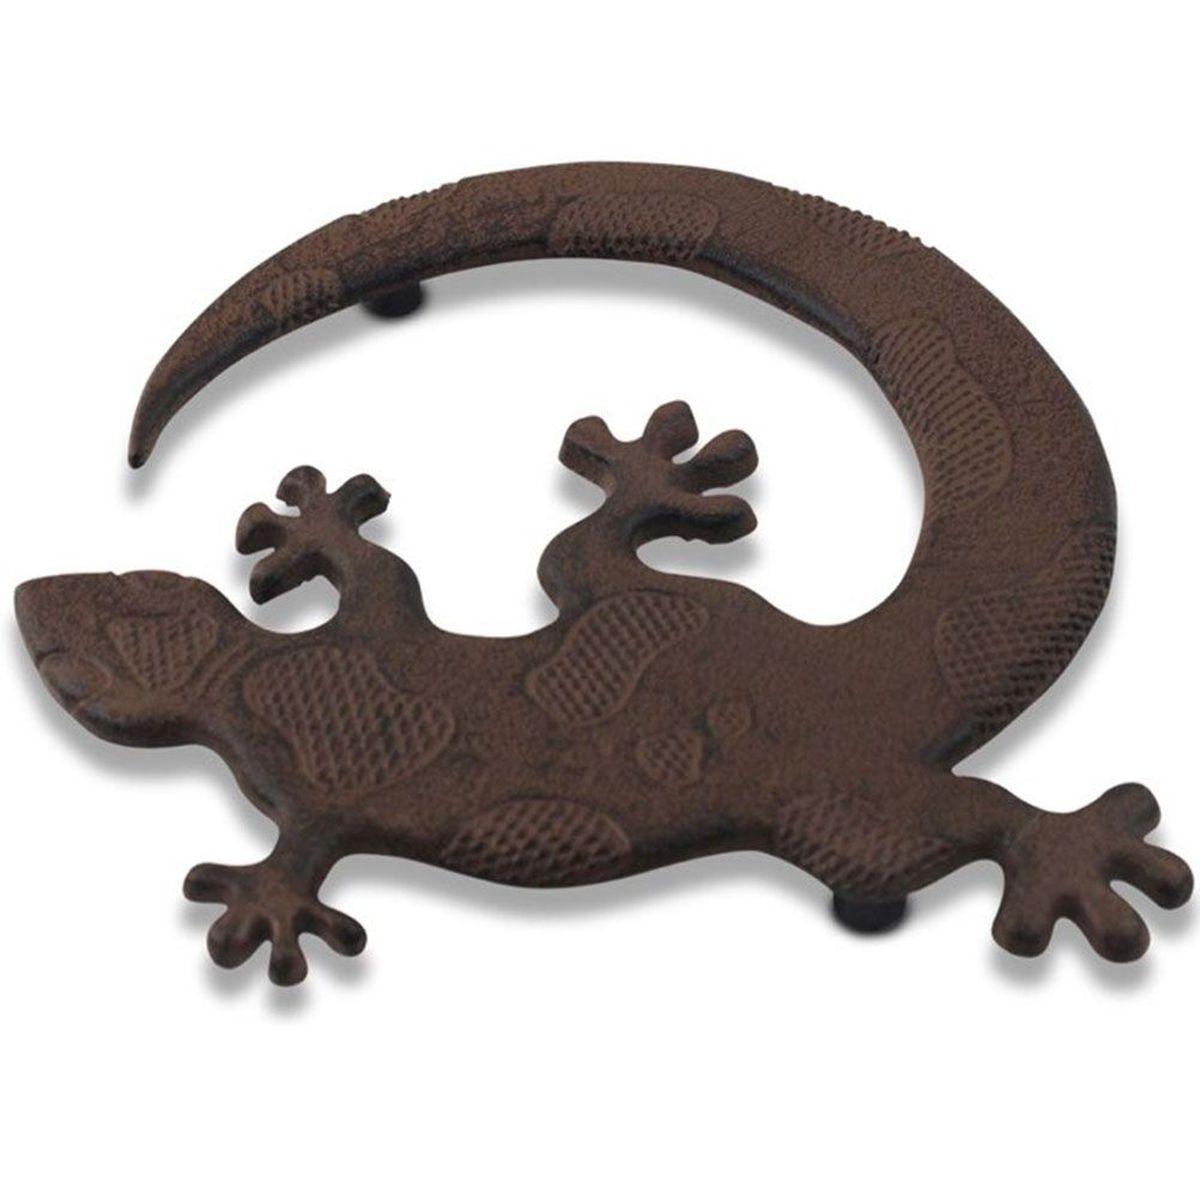 Dessous de plat salamandre en m tal vieilli 20 cm - Dessous de plat en metal ...